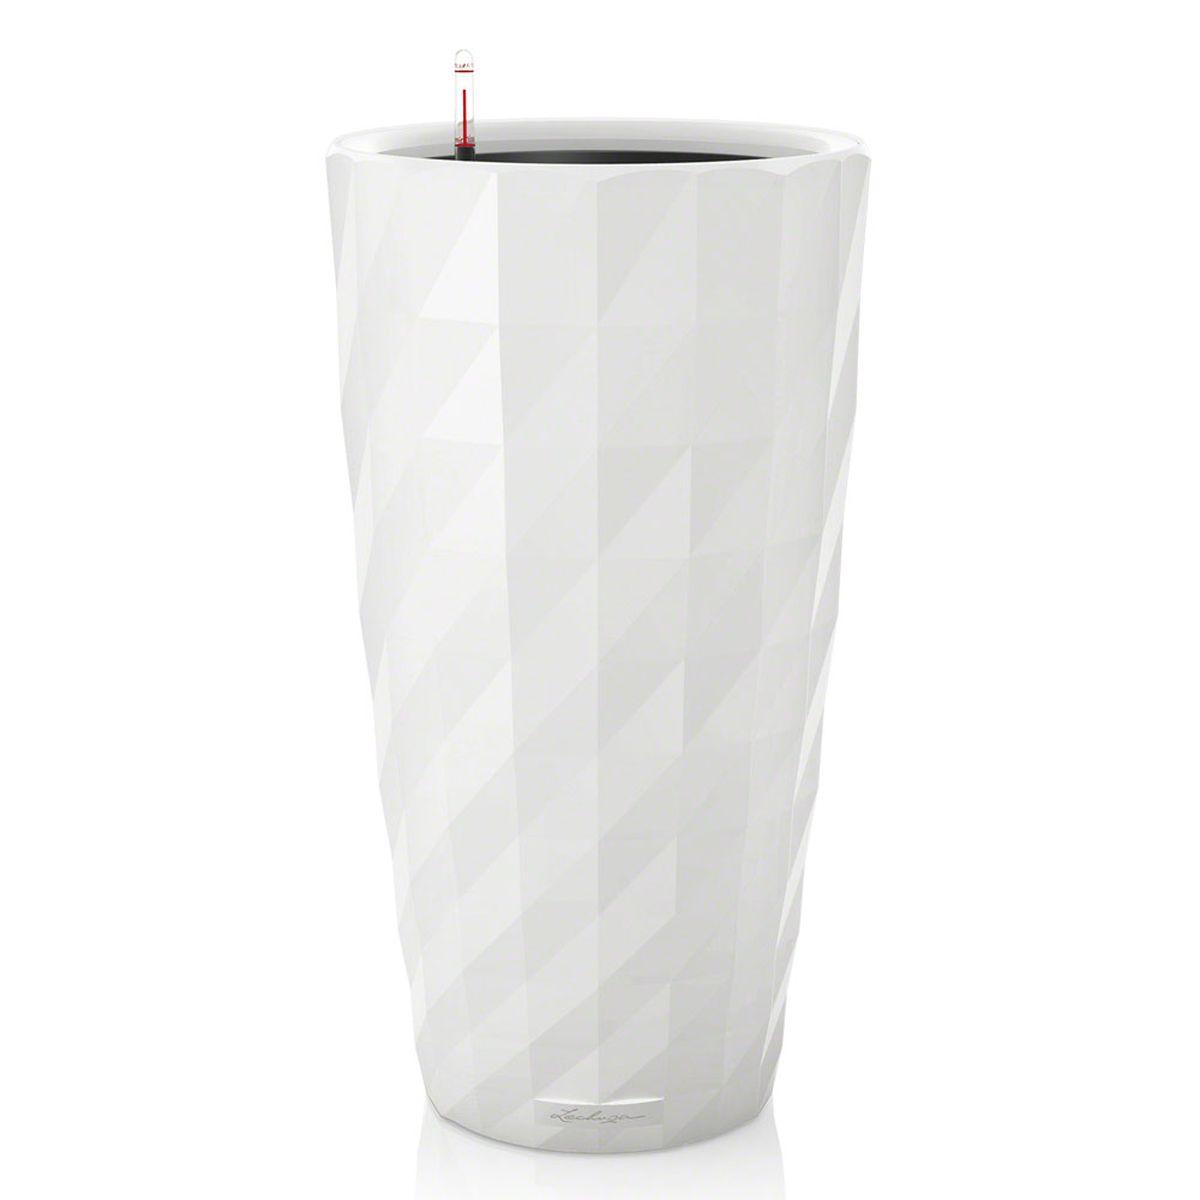 Кашпо Lechuza Diamante, с системой автополива, цвет: белый, диаметр 40 смKOC_SOL249_G4Кашпо Lechuza Diamante, изготовленное из высококачественного пластика, идеальное решение для тех, кто регулярно забывает поливать комнатные растения. Стильный дизайн позволит украсить растениями офис, кафе или любое другое помещение. Кашпо Lechuza Diamante с системой автополива упростит уход за вашими цветами и поможет растениям получать то количество влаги, которое им необходимо в данный момент времени.В набор входит: кашпо, внутренний горшок, индикатор уровня воды, субстрат растений в качестве дренажного слоя, резервуар для воды.Внутренний горшок, оснащенный выдвижной ручкой, обеспечивает:- легкую переноску даже высоких растений;- легкую смену растений;- можно также просто убрать растения на зиму;- винт в днище позволяет стечь излишней дождевой воде наружу.Кашпо Lechuza Diamante украсит любой интерьер, а также станет замечательным подарком для ваших родных и близких.